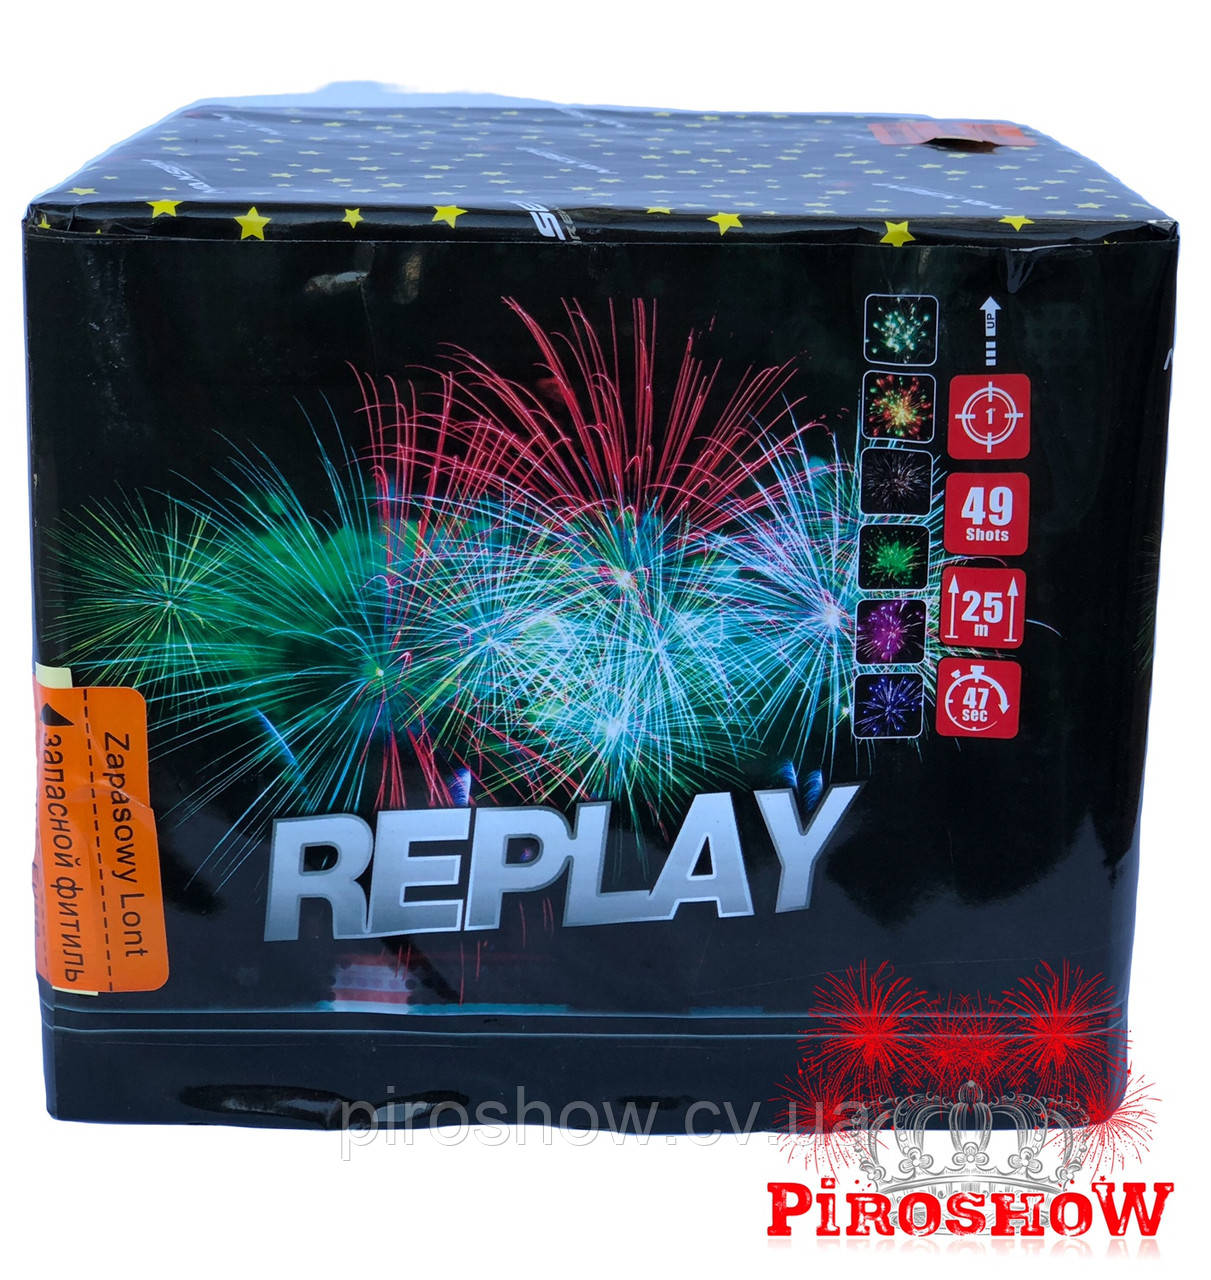 Салютная установка REPLAY 49 выстрелов 25 калибр   Фейерверк MC113 Maxsem